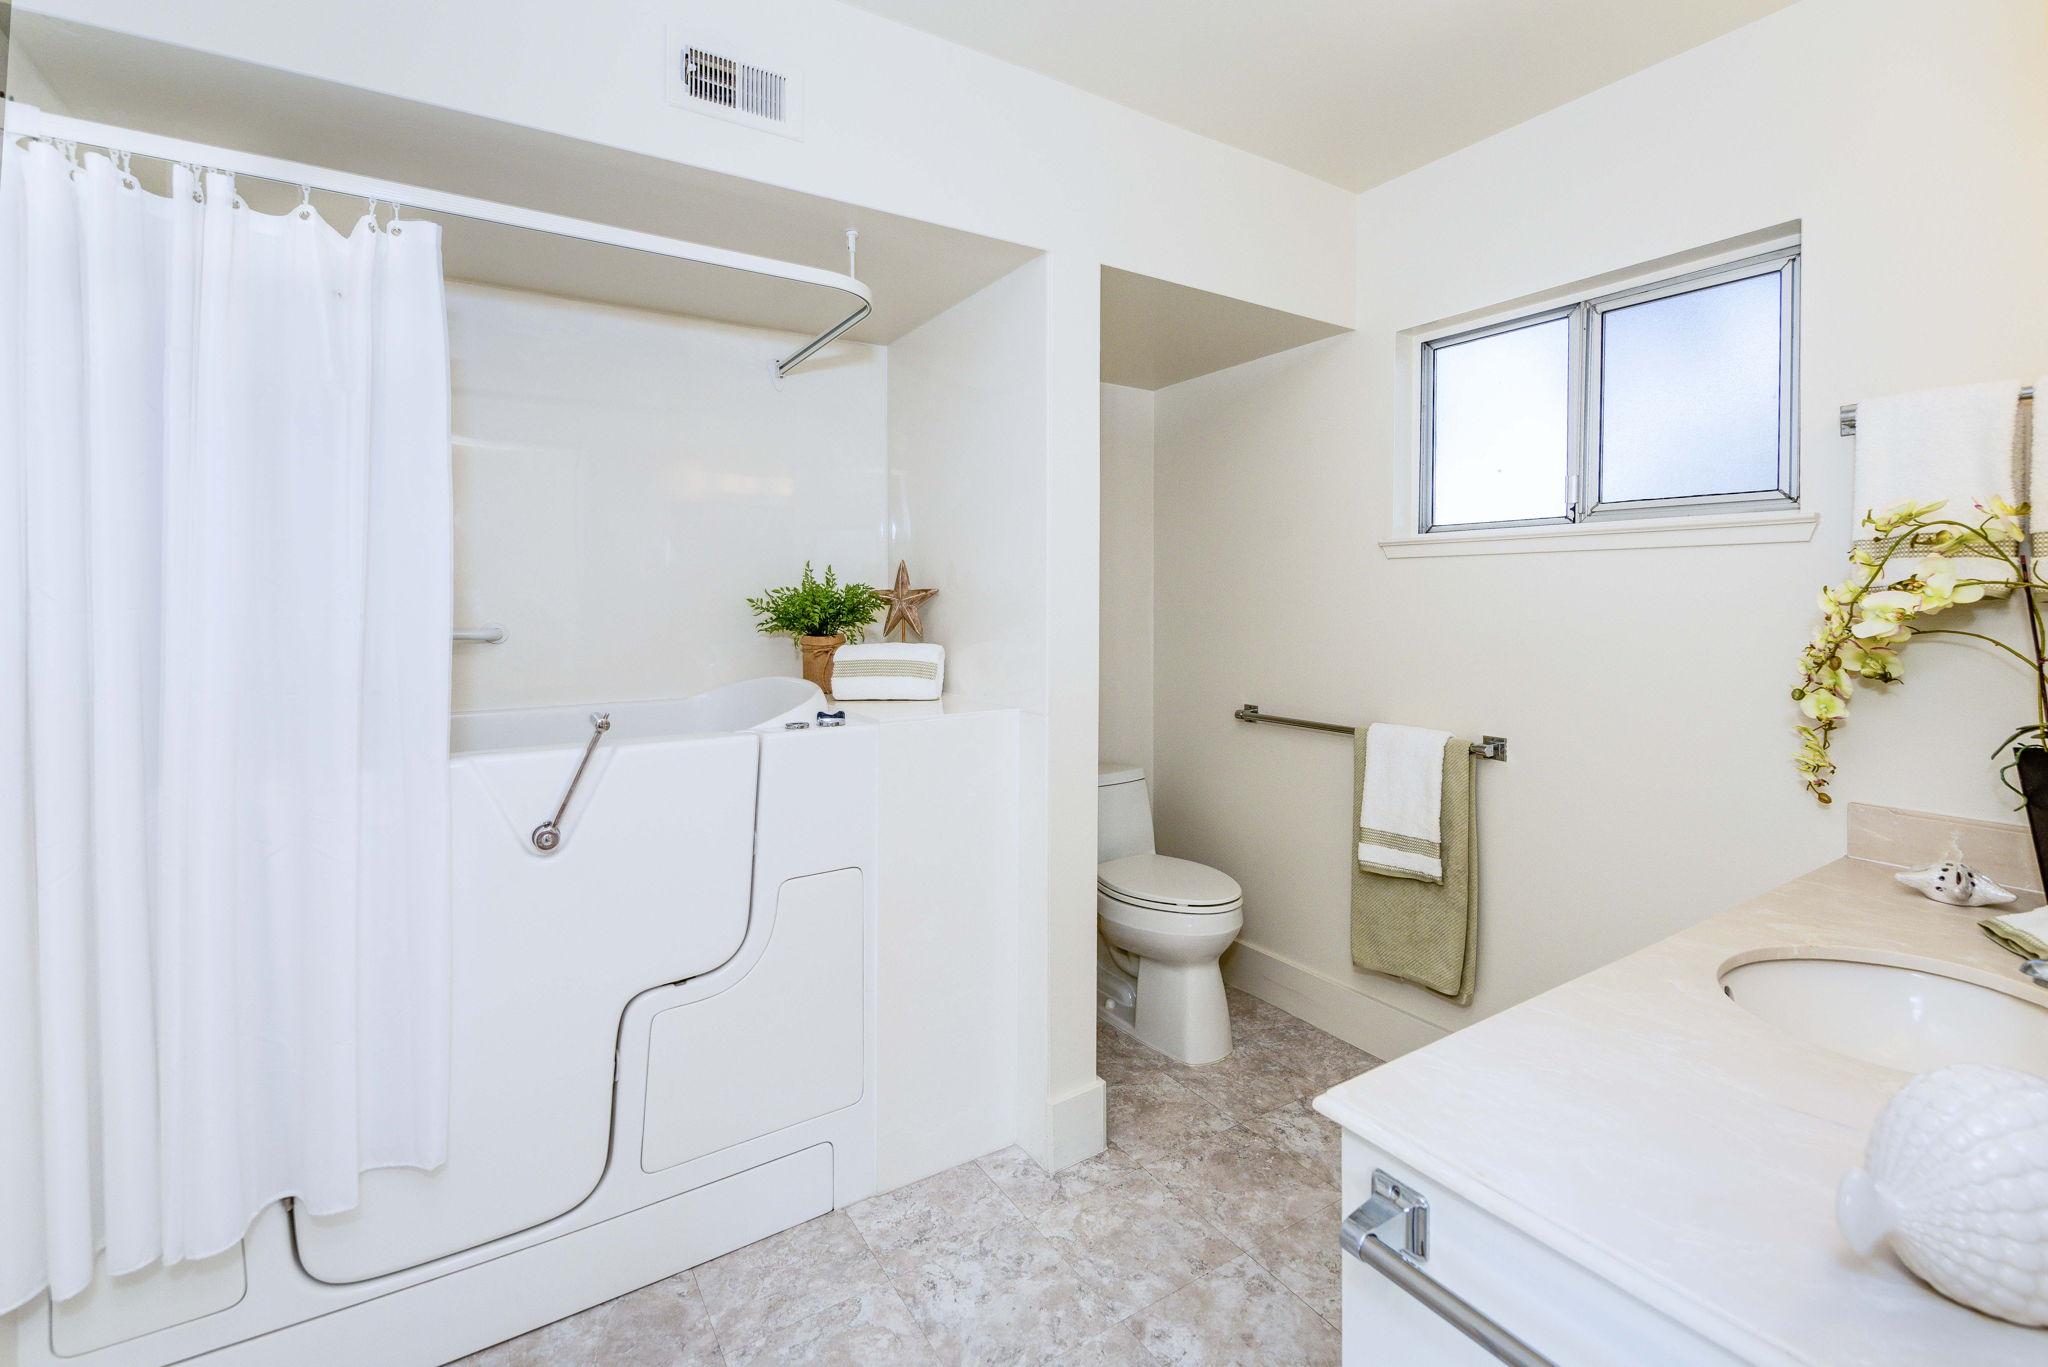 Master Bathroom with walk-in tub